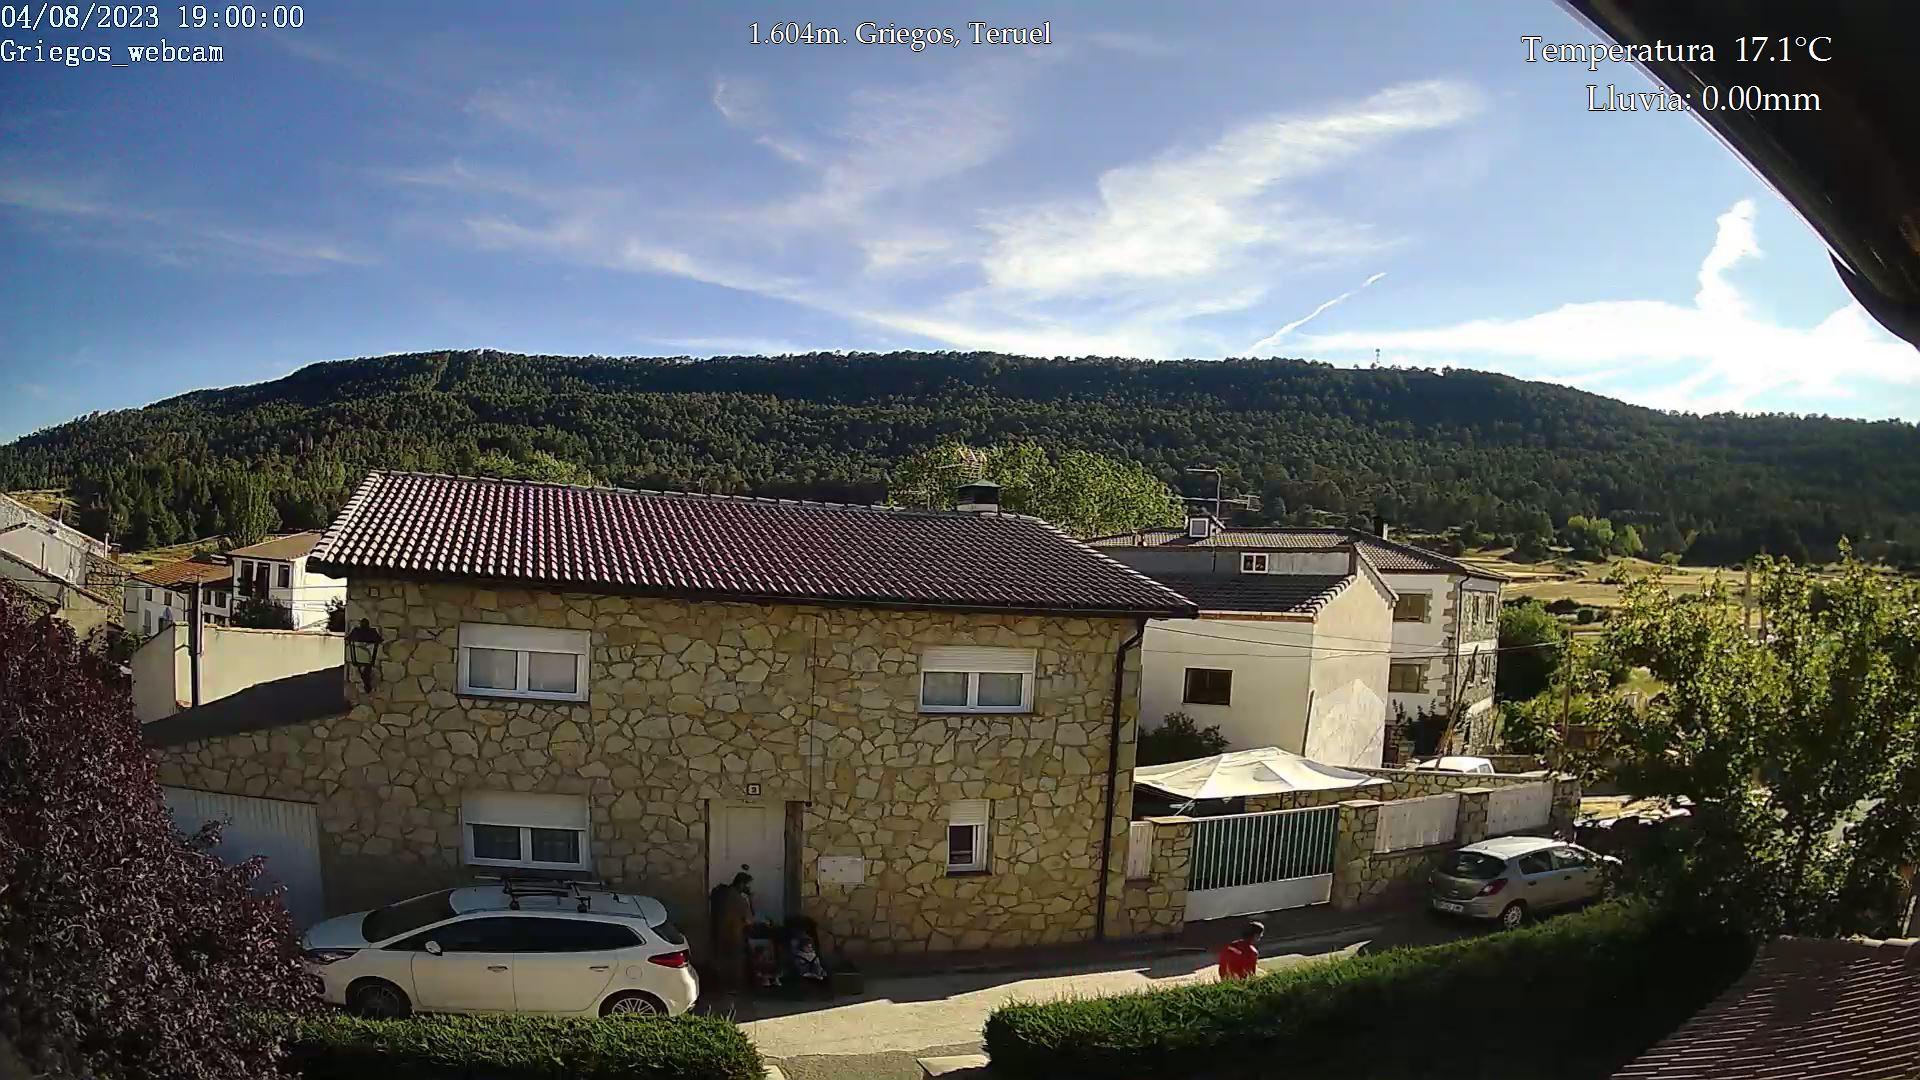 Webcam de Griegos